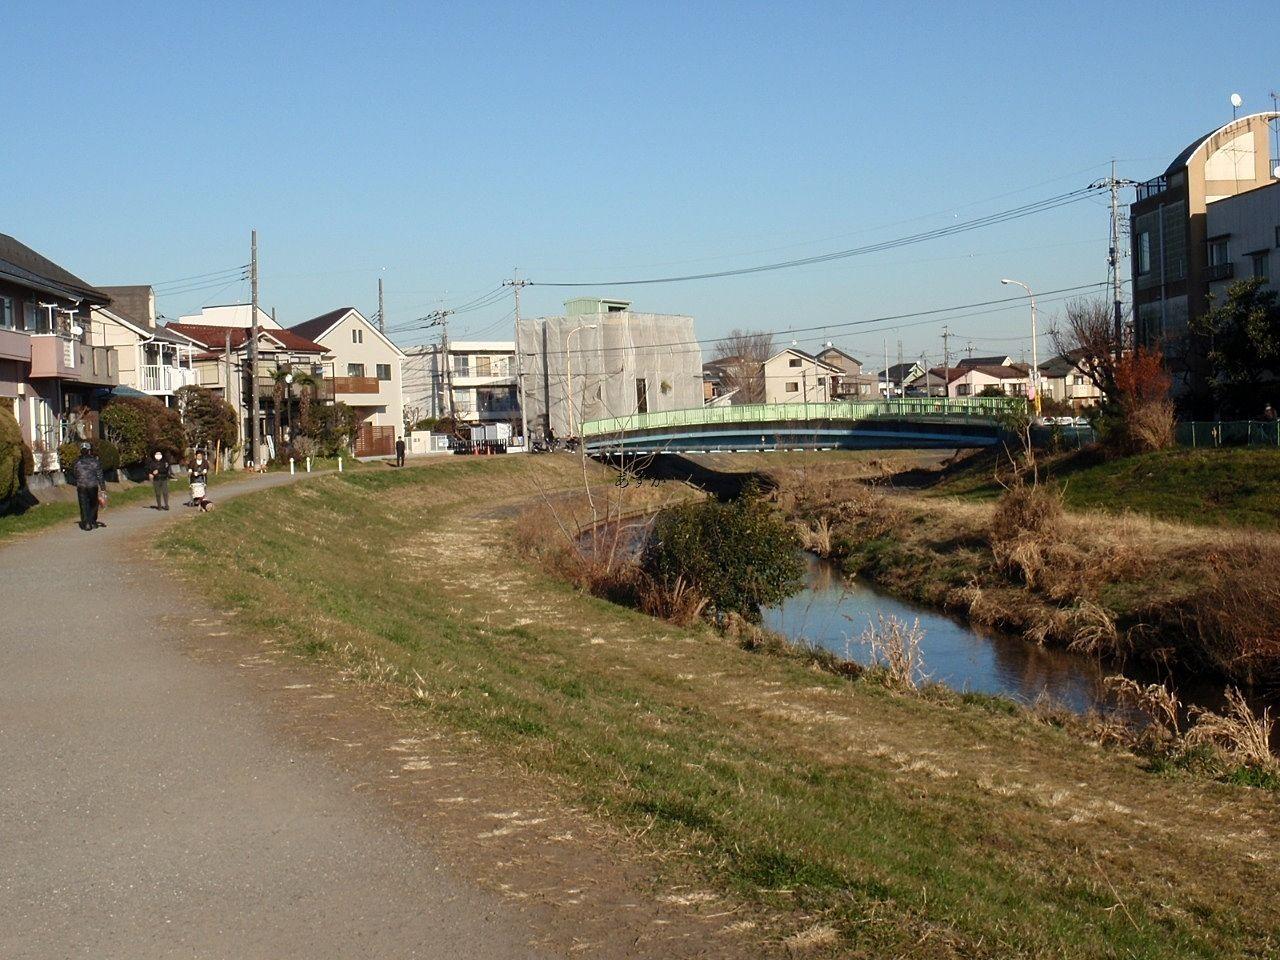 歩いてすぐにあるきれいな遊歩道のある黒目川